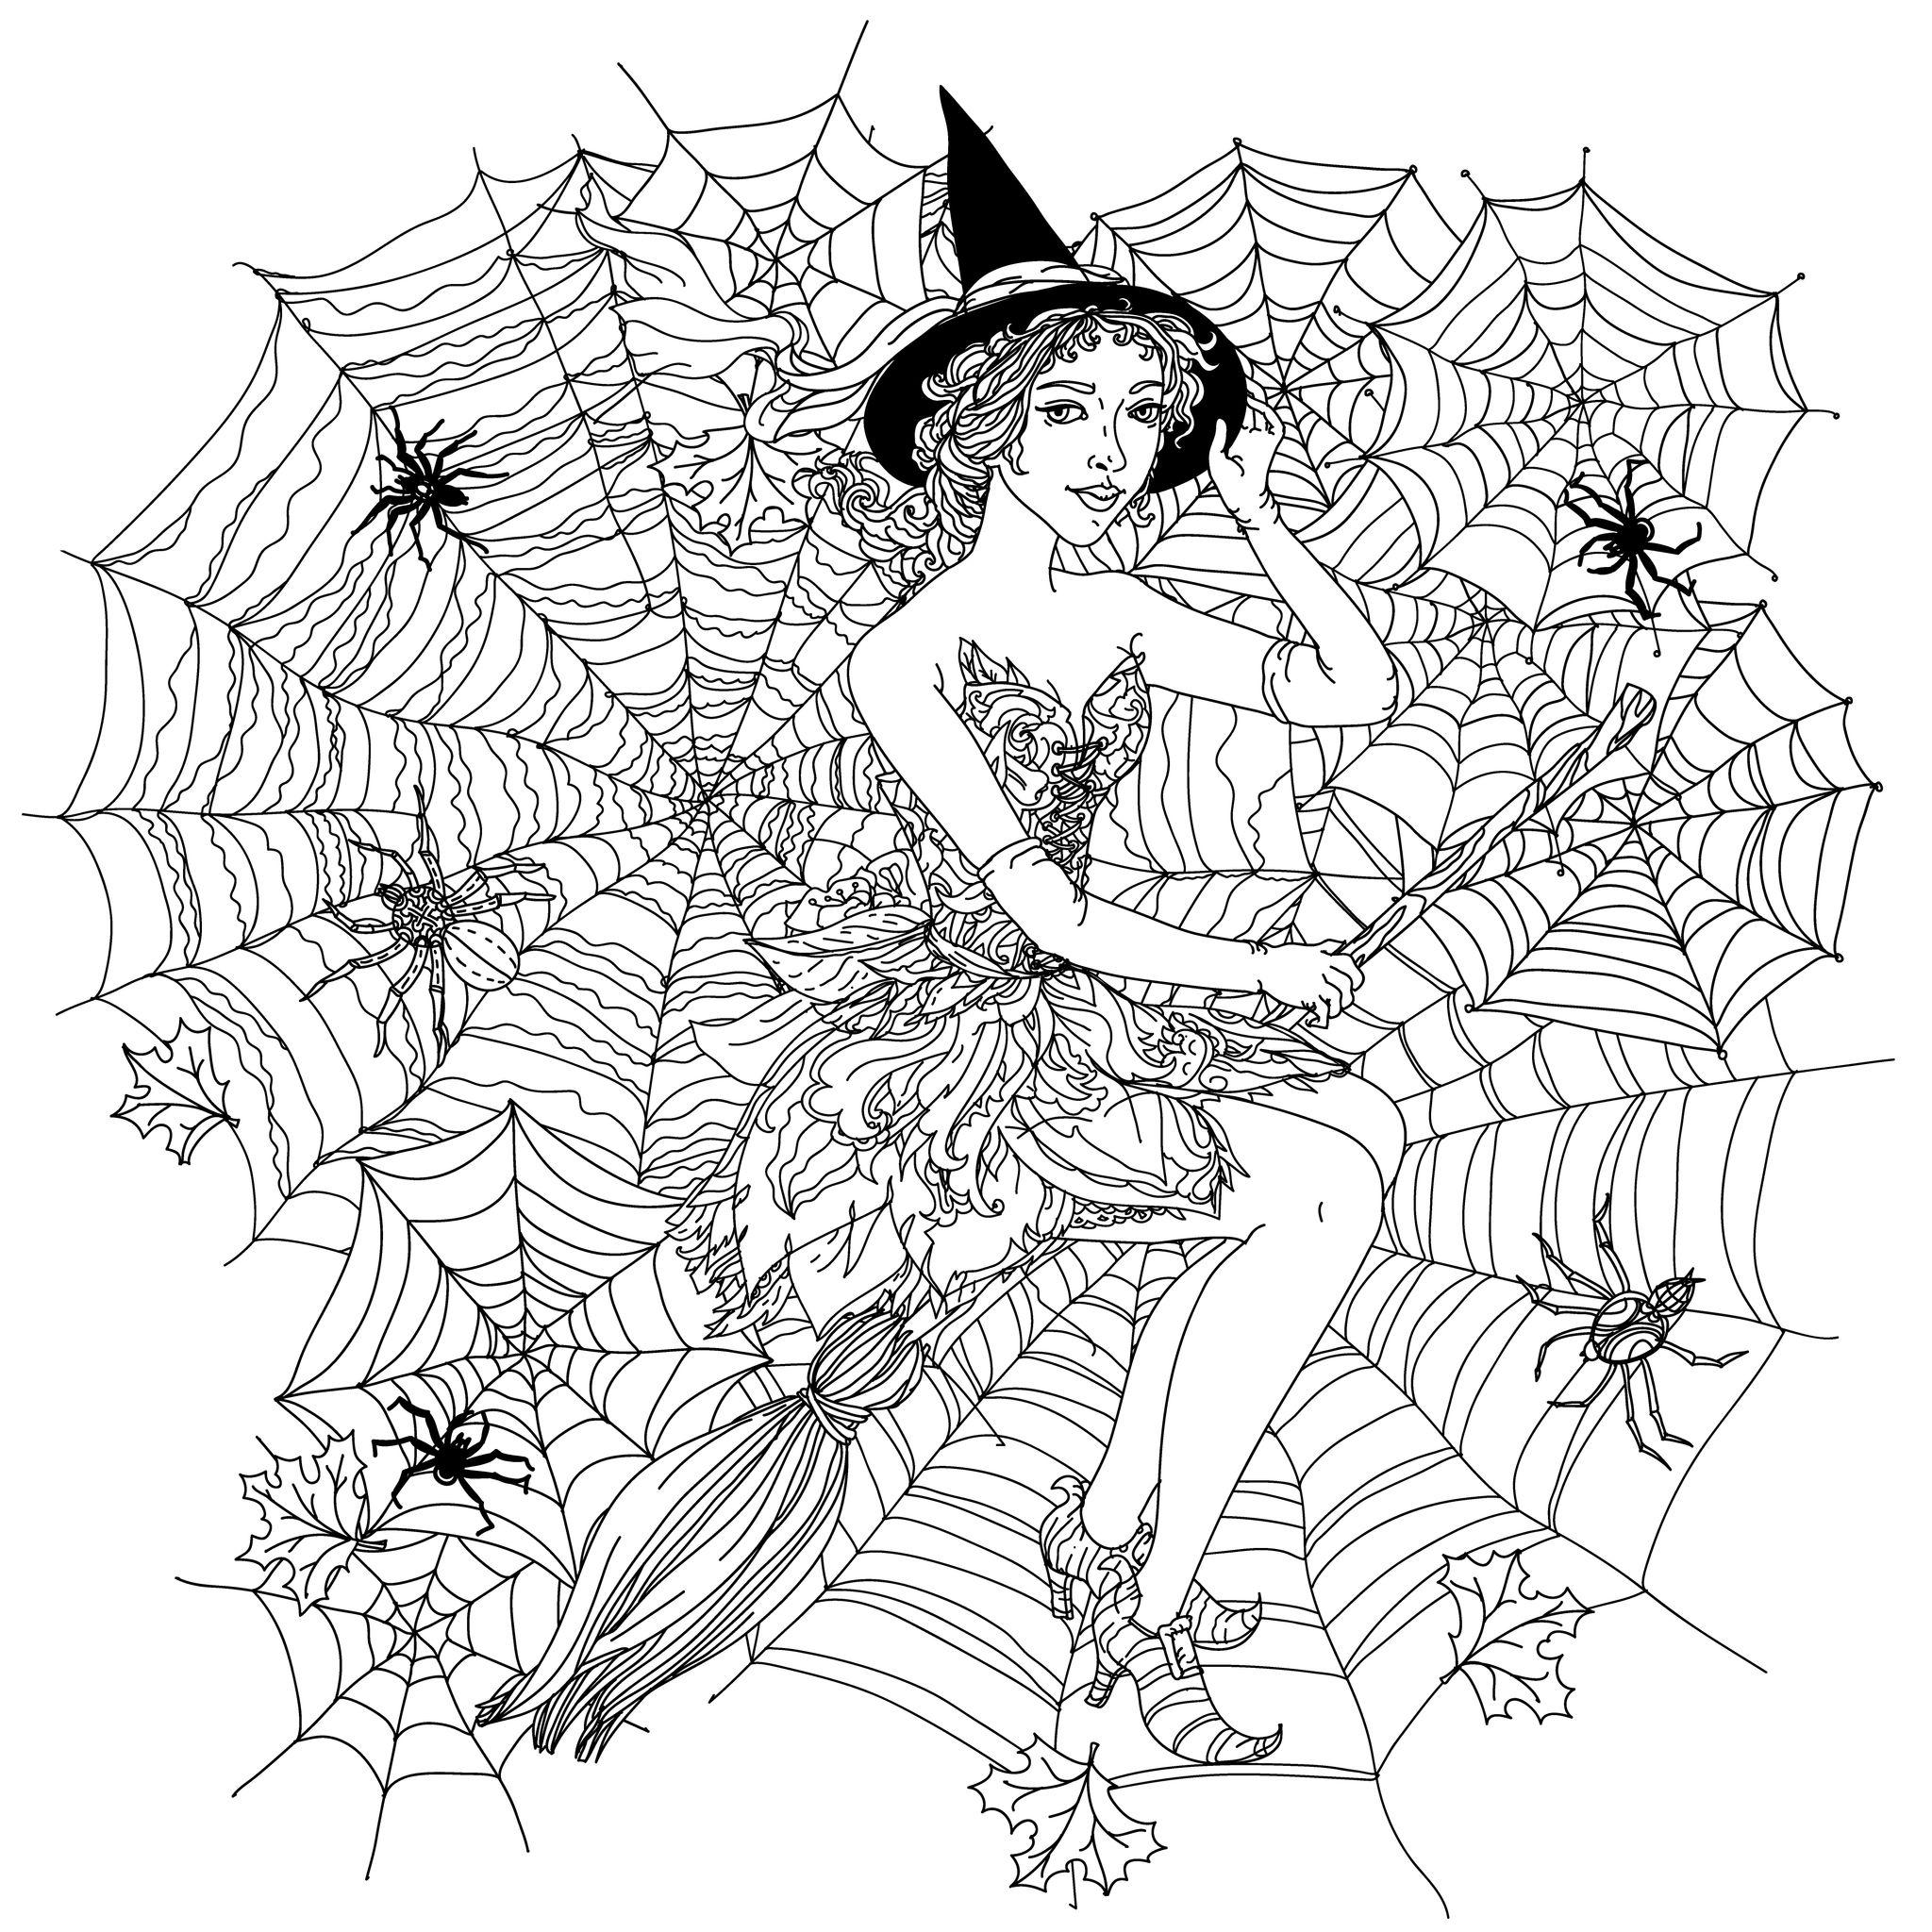 Une sorcière très sexy, sur fond de toile d'araignée | A partir de la galerie : Halloween | Artiste : Mashabr | Source : 123rf